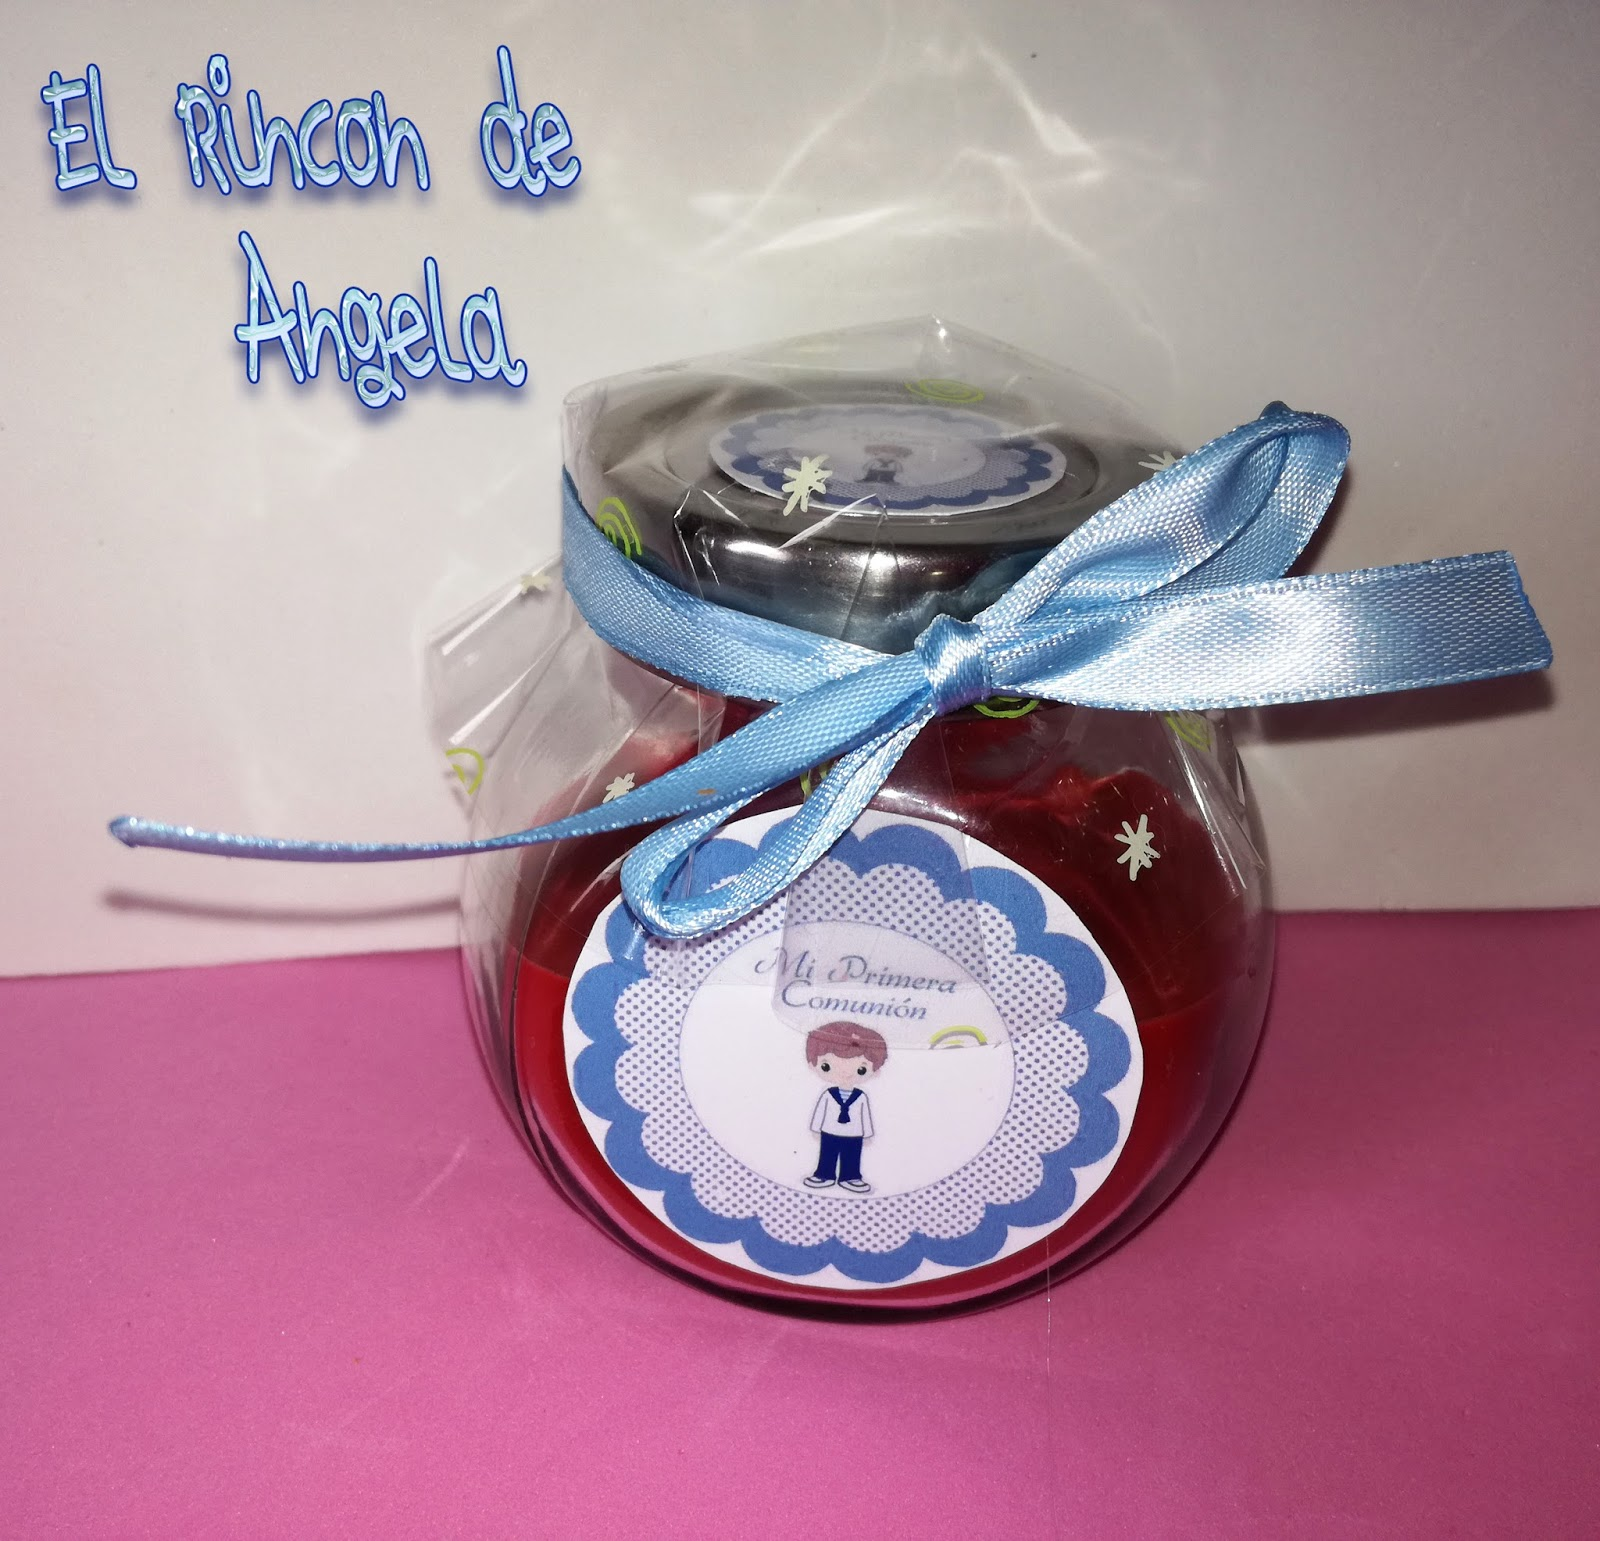 Detalles y regalos para primera comuni n hechos por ti - Detalles de comunion para hacer en casa ...